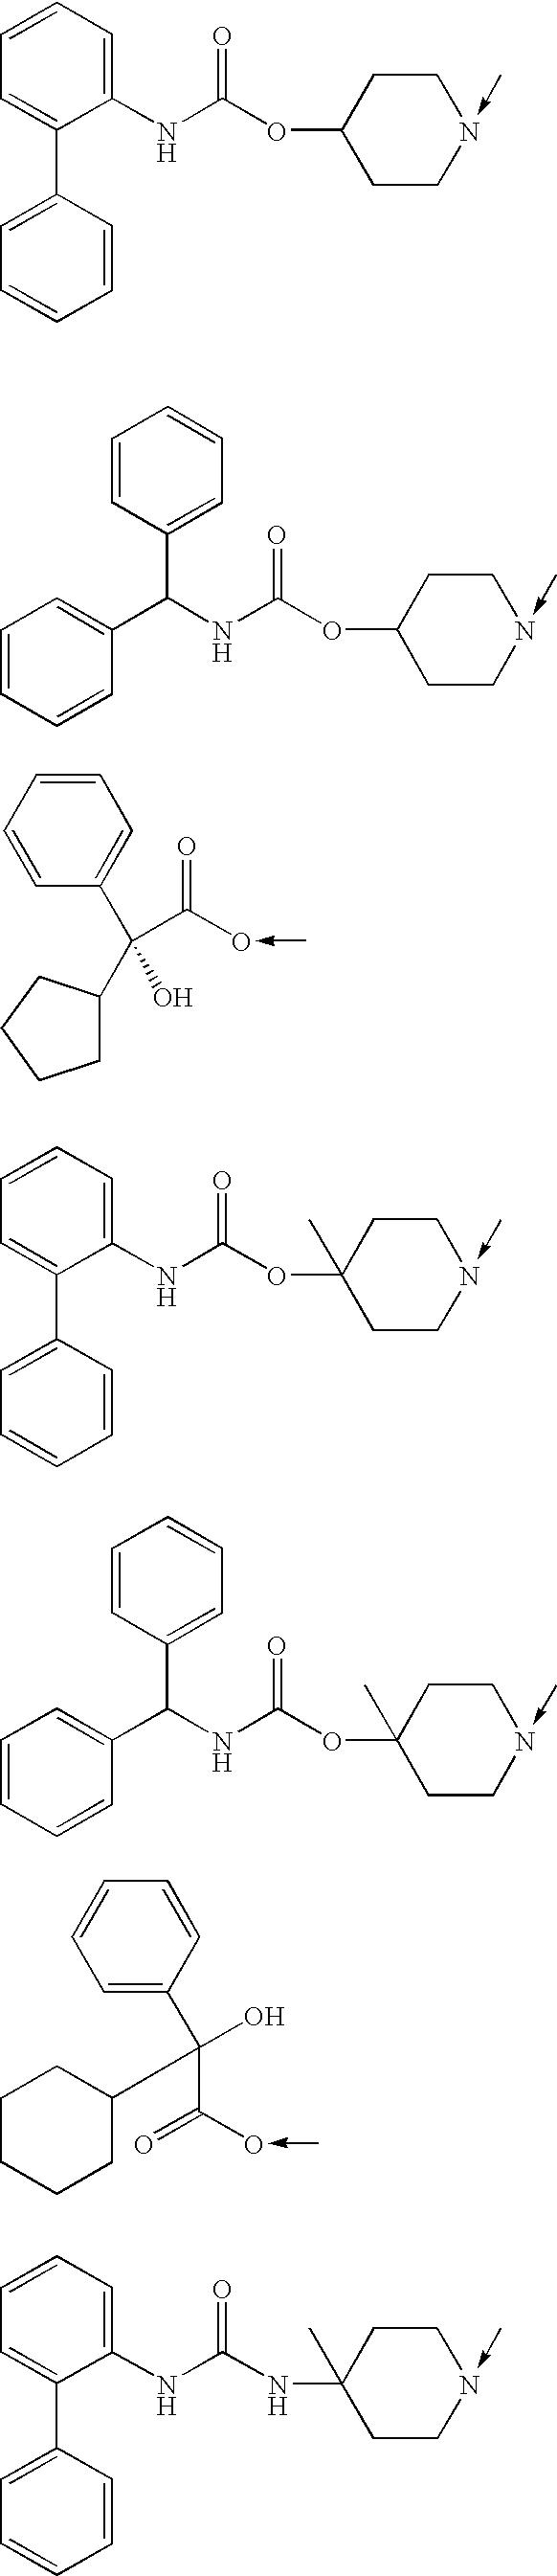 Figure US06693202-20040217-C00038